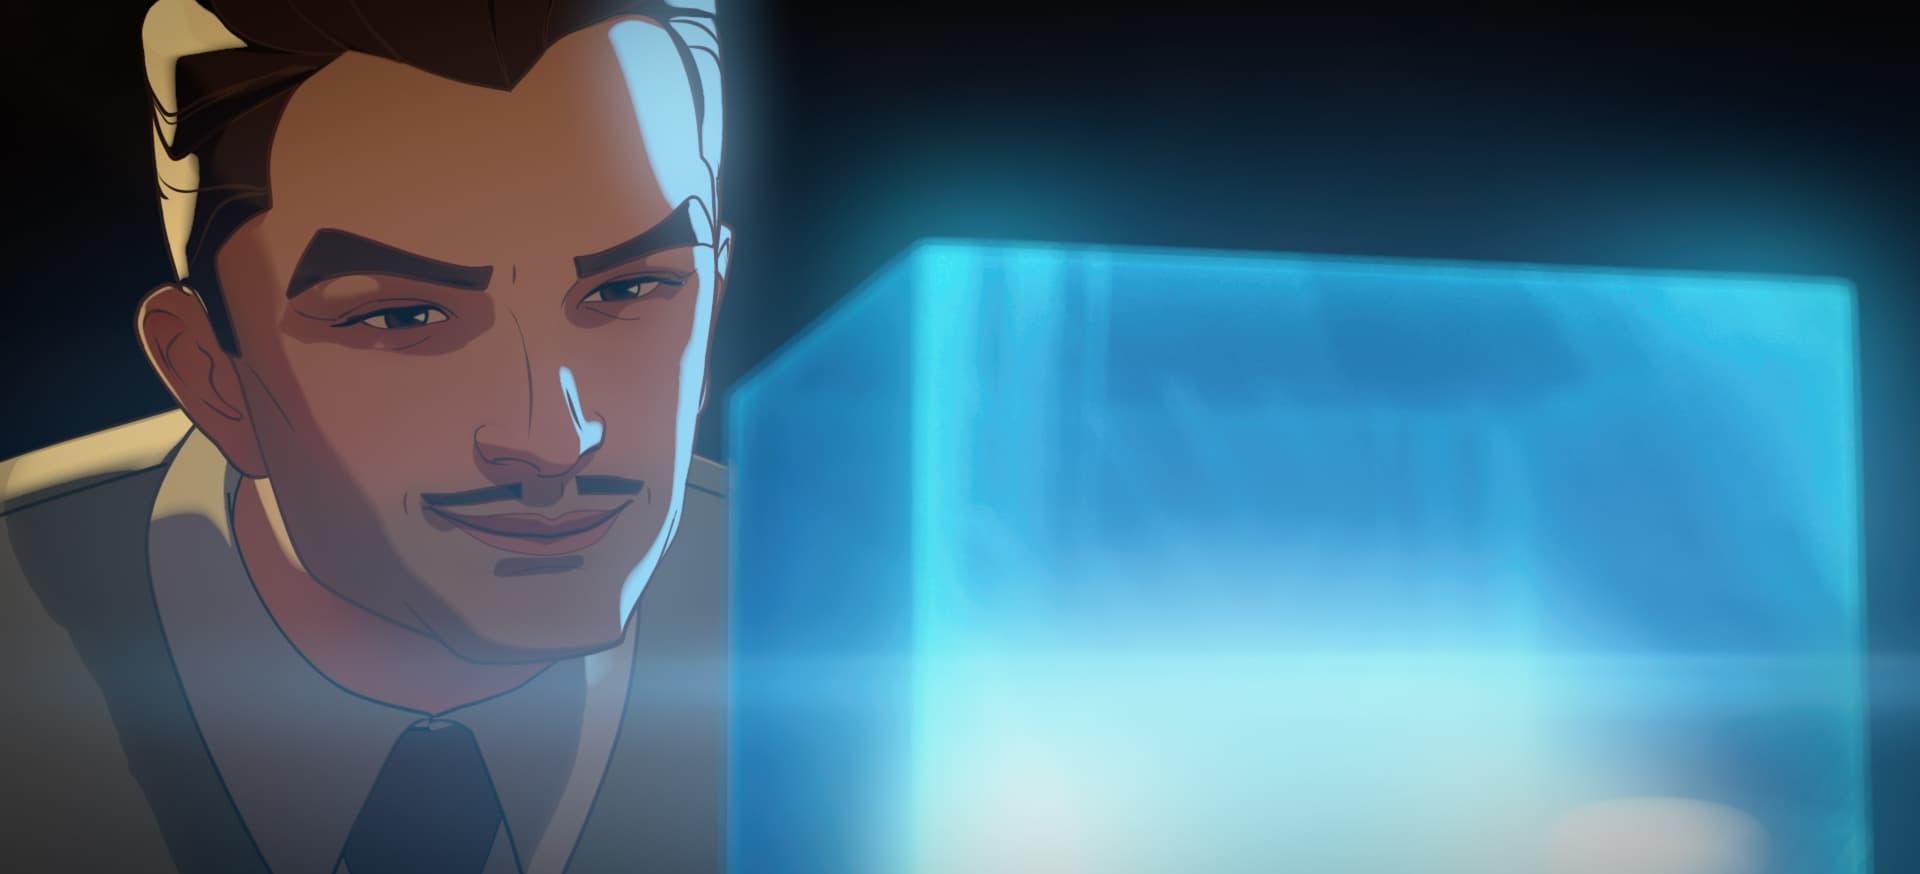 Howard Stark, Tesseract | What If...?